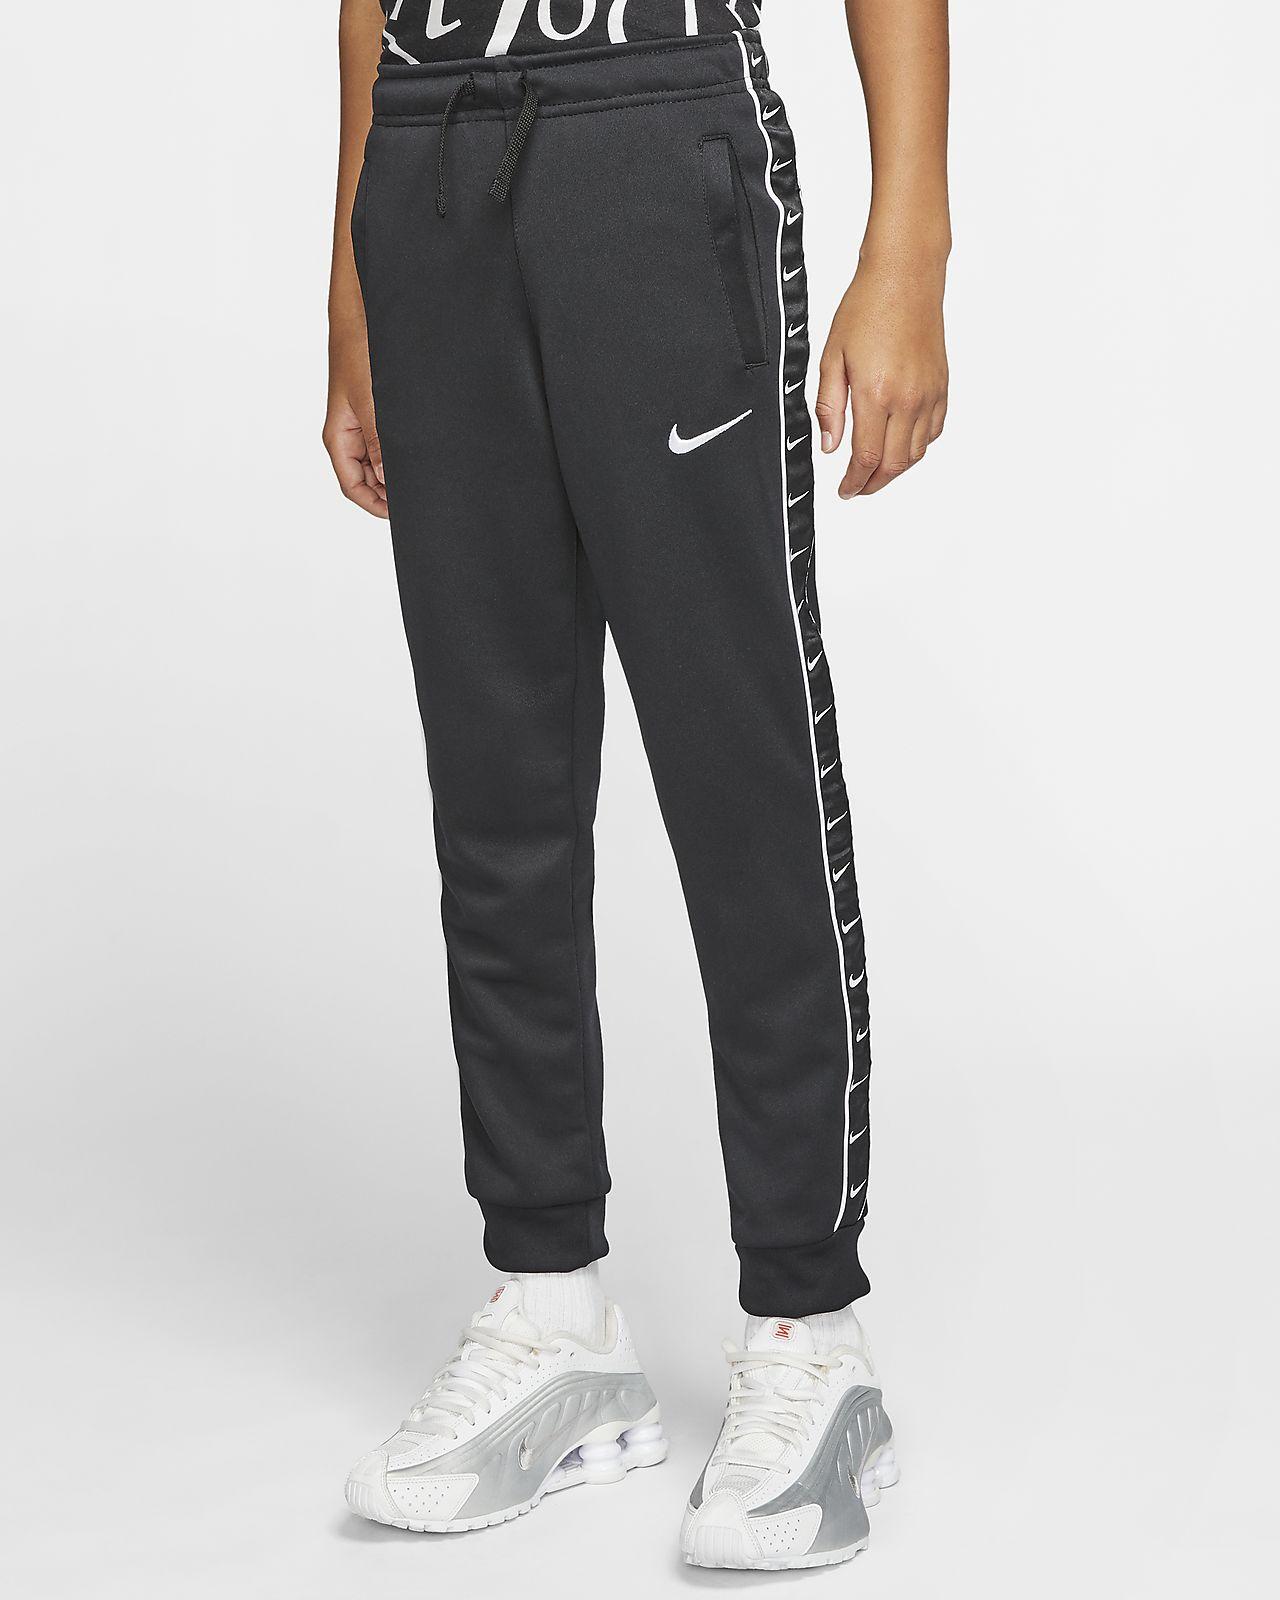 Pantalon de jogging Nike Sportswear Swoosh pour Enfant plus âgé